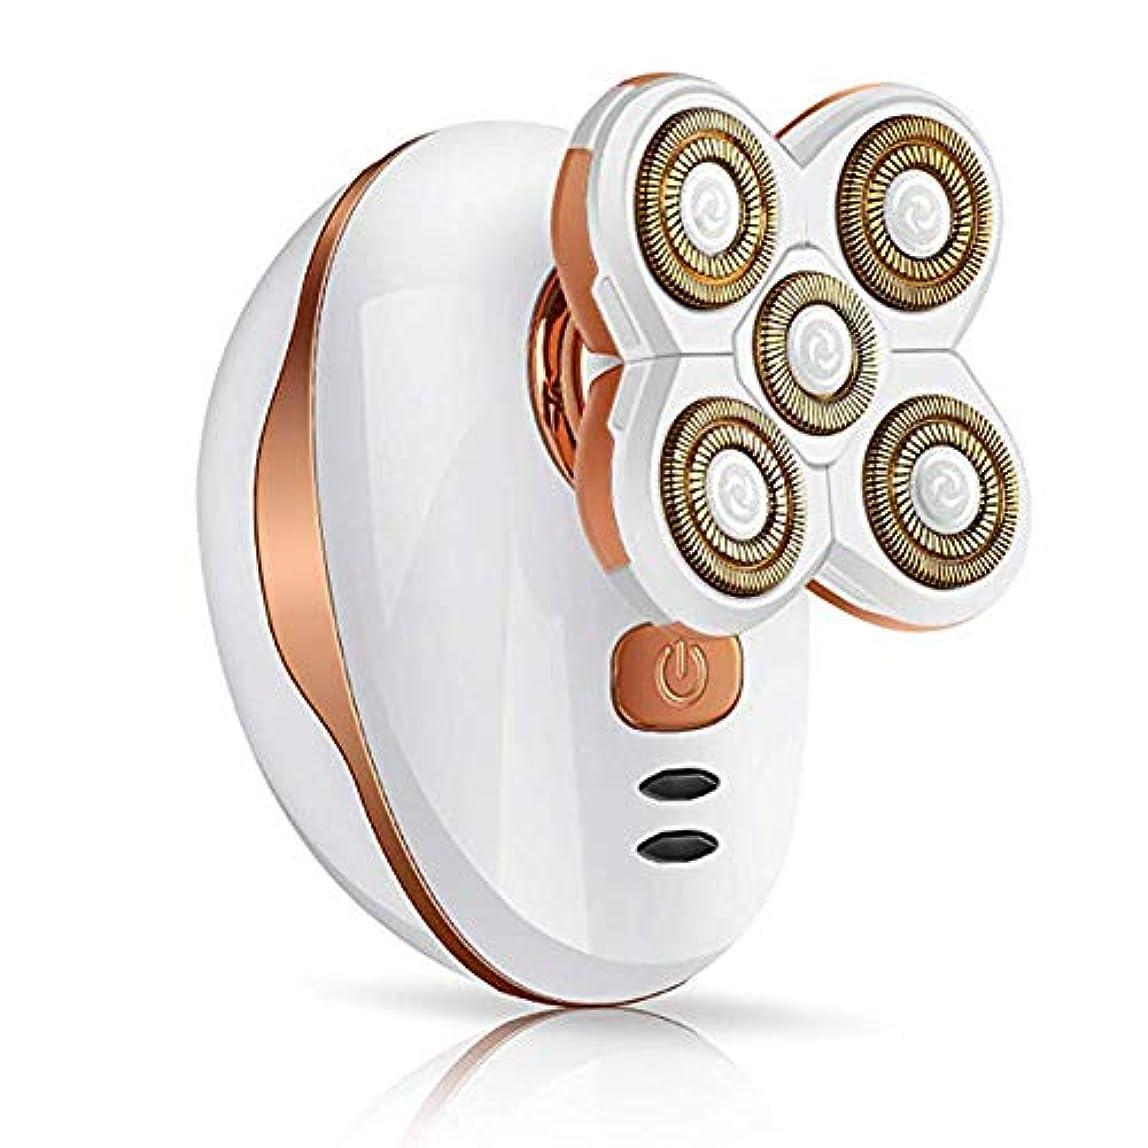 コーラスさわやか協定ウェットドライ電気ロータリーシェーバー、5フローティングヘッド付きコードレス防水カミソリヘッドシェーバー旅行や家庭での使用のための高速USB充電セキュリティロックモード